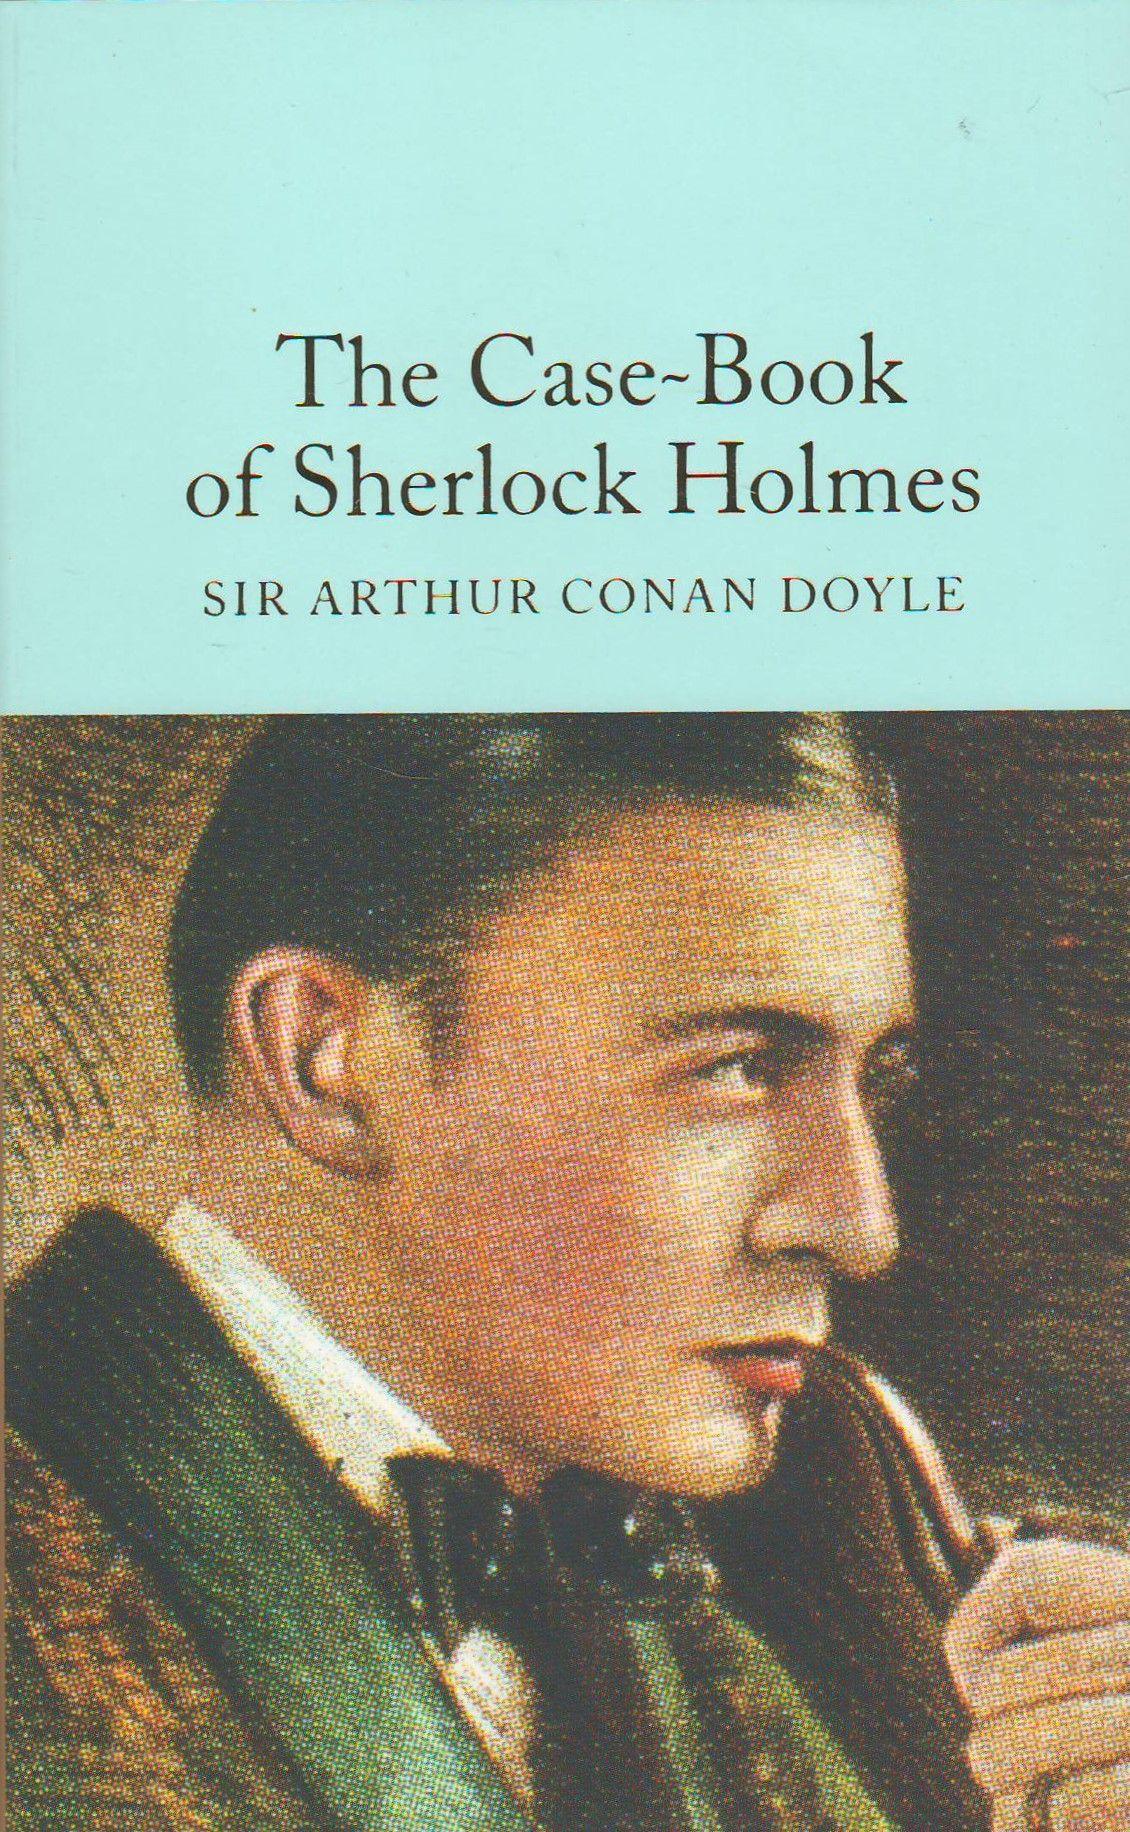 30 години от създаването на Музея на Шерлок Холмс в Лондон